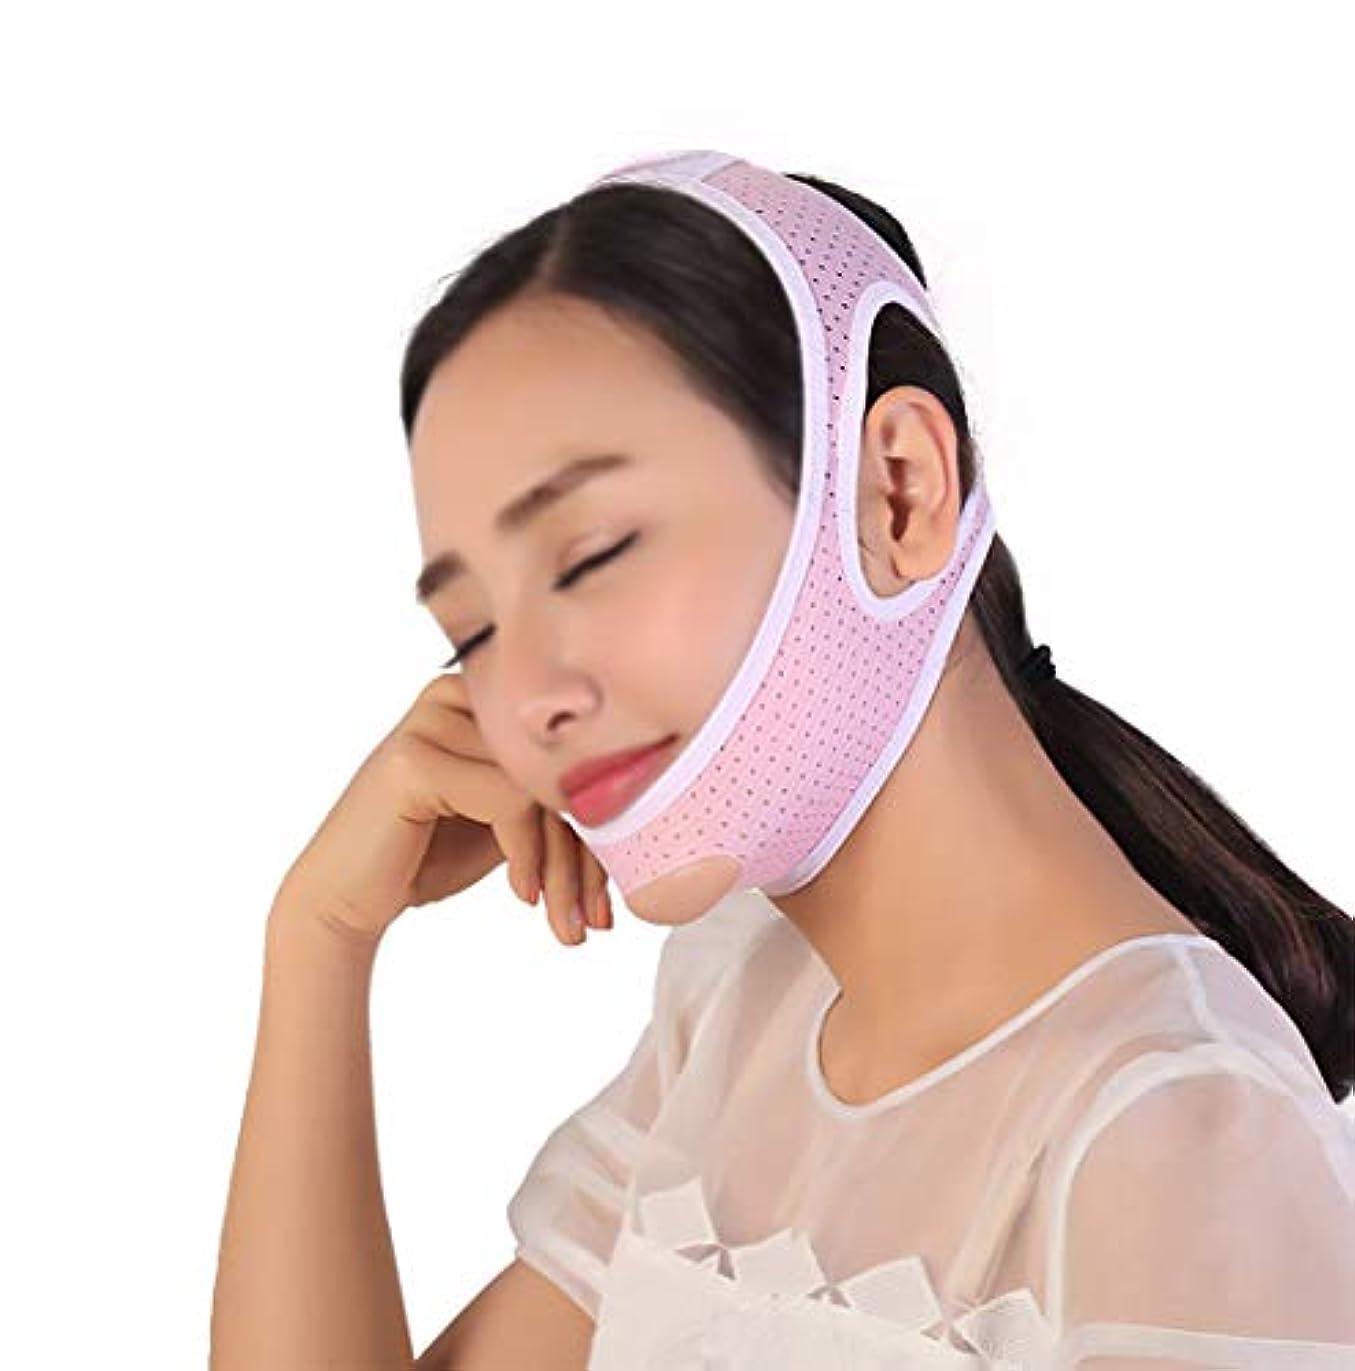 時系列推論インシュレータフェイスリフトフェイシャル、肌のリラクゼーションを防ぐVフェイスマスクVフェイスアーチファクトフェイスリフト包帯フェイスケア (Size : M)